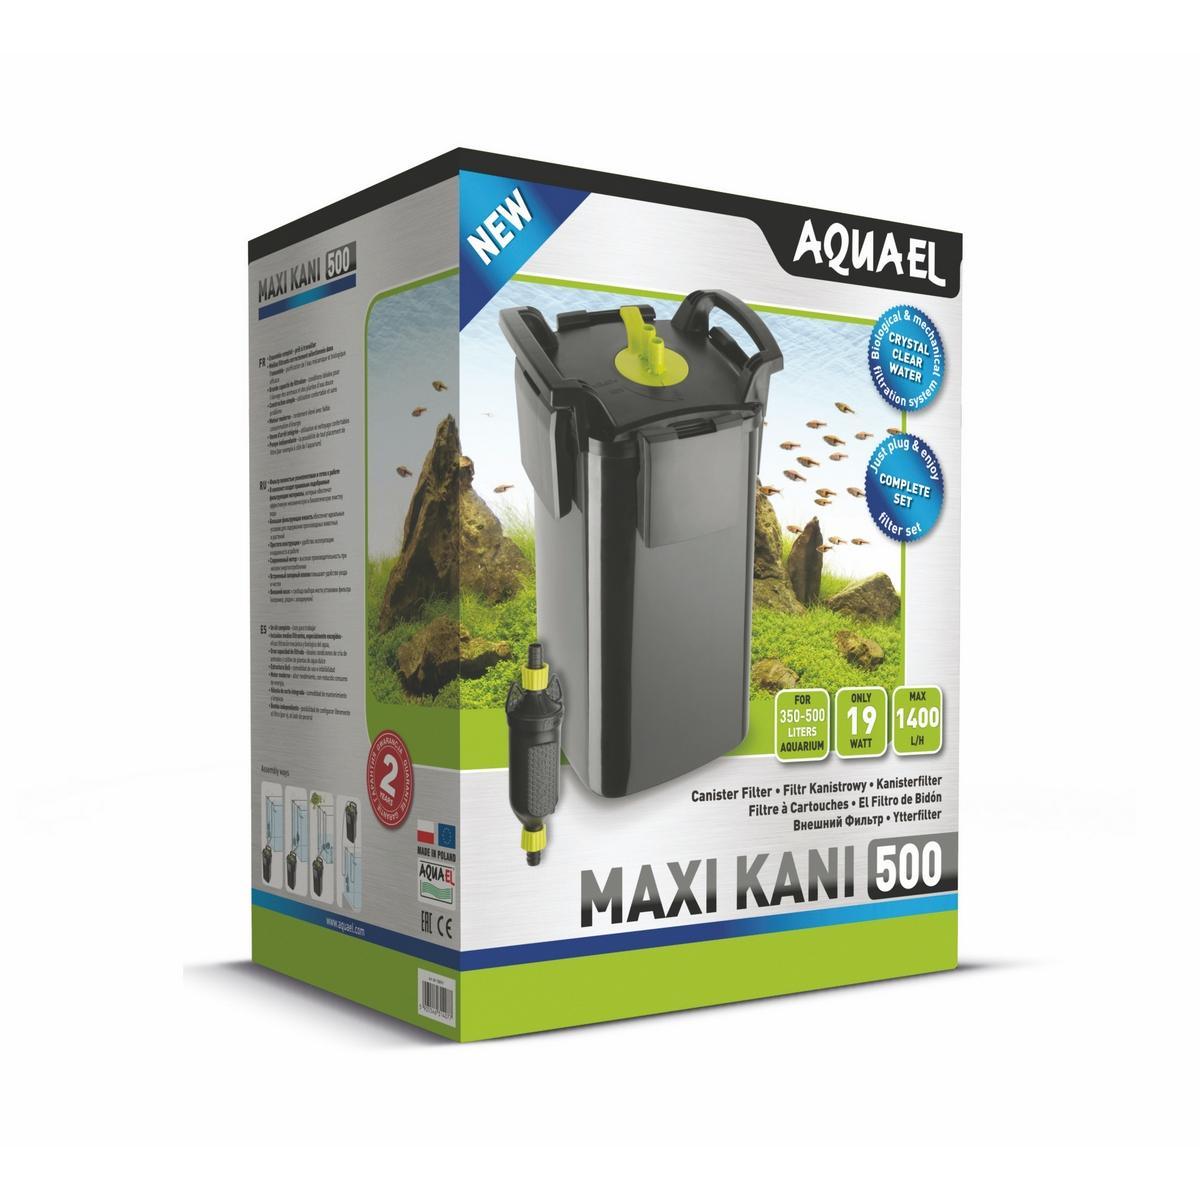 Фильтр внешний MAXI KANI 500